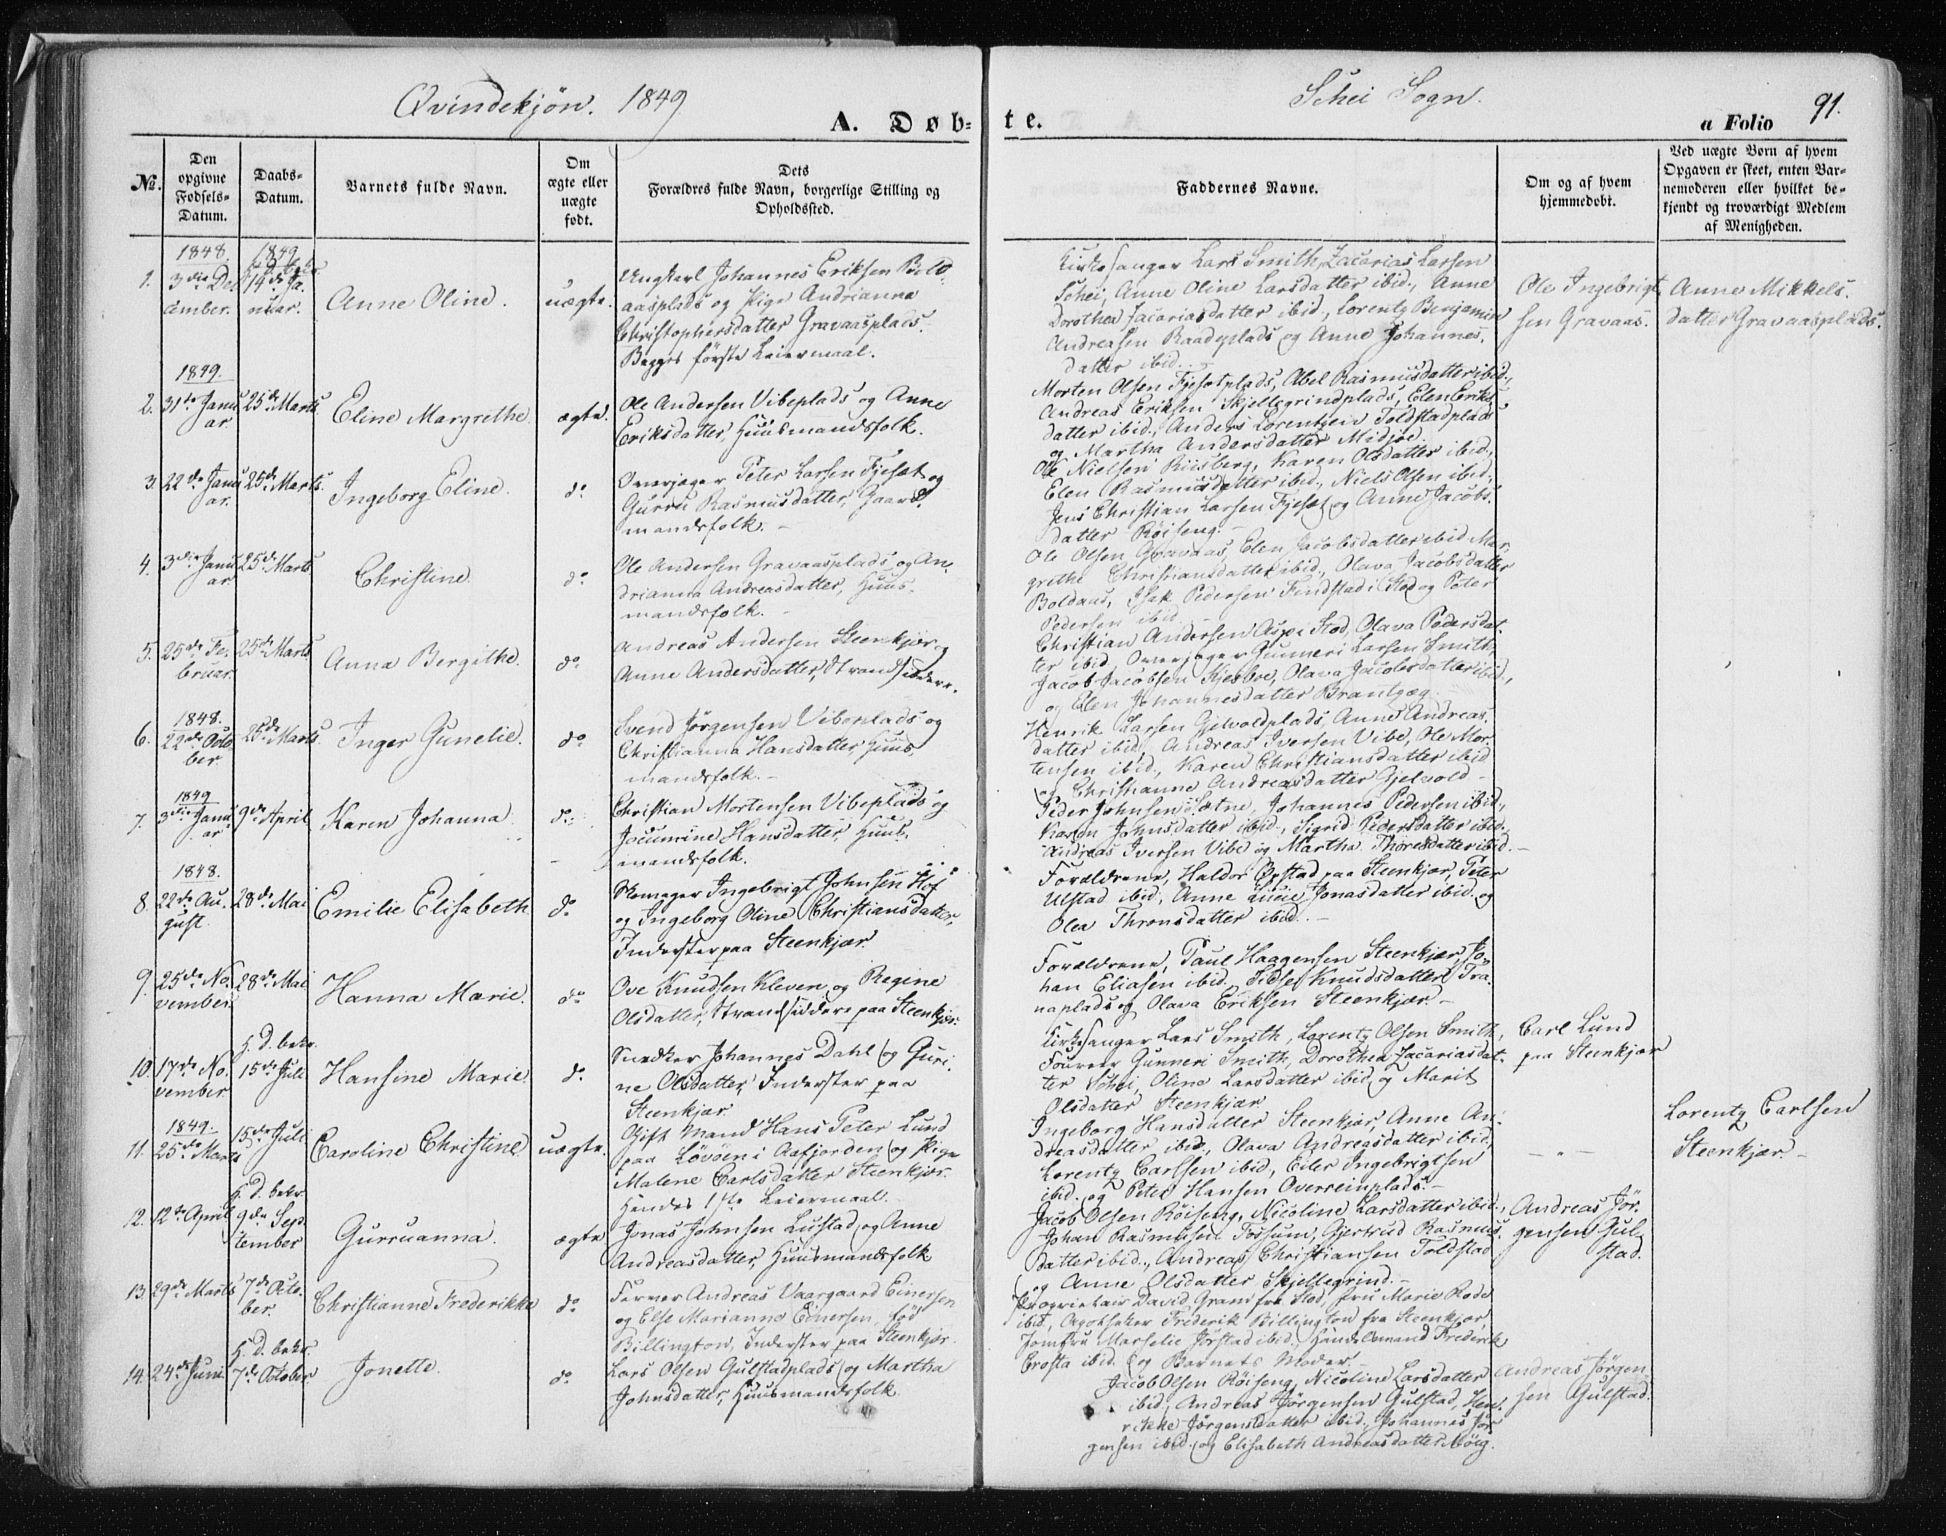 SAT, Ministerialprotokoller, klokkerbøker og fødselsregistre - Nord-Trøndelag, 735/L0342: Ministerialbok nr. 735A07 /2, 1849-1862, s. 91